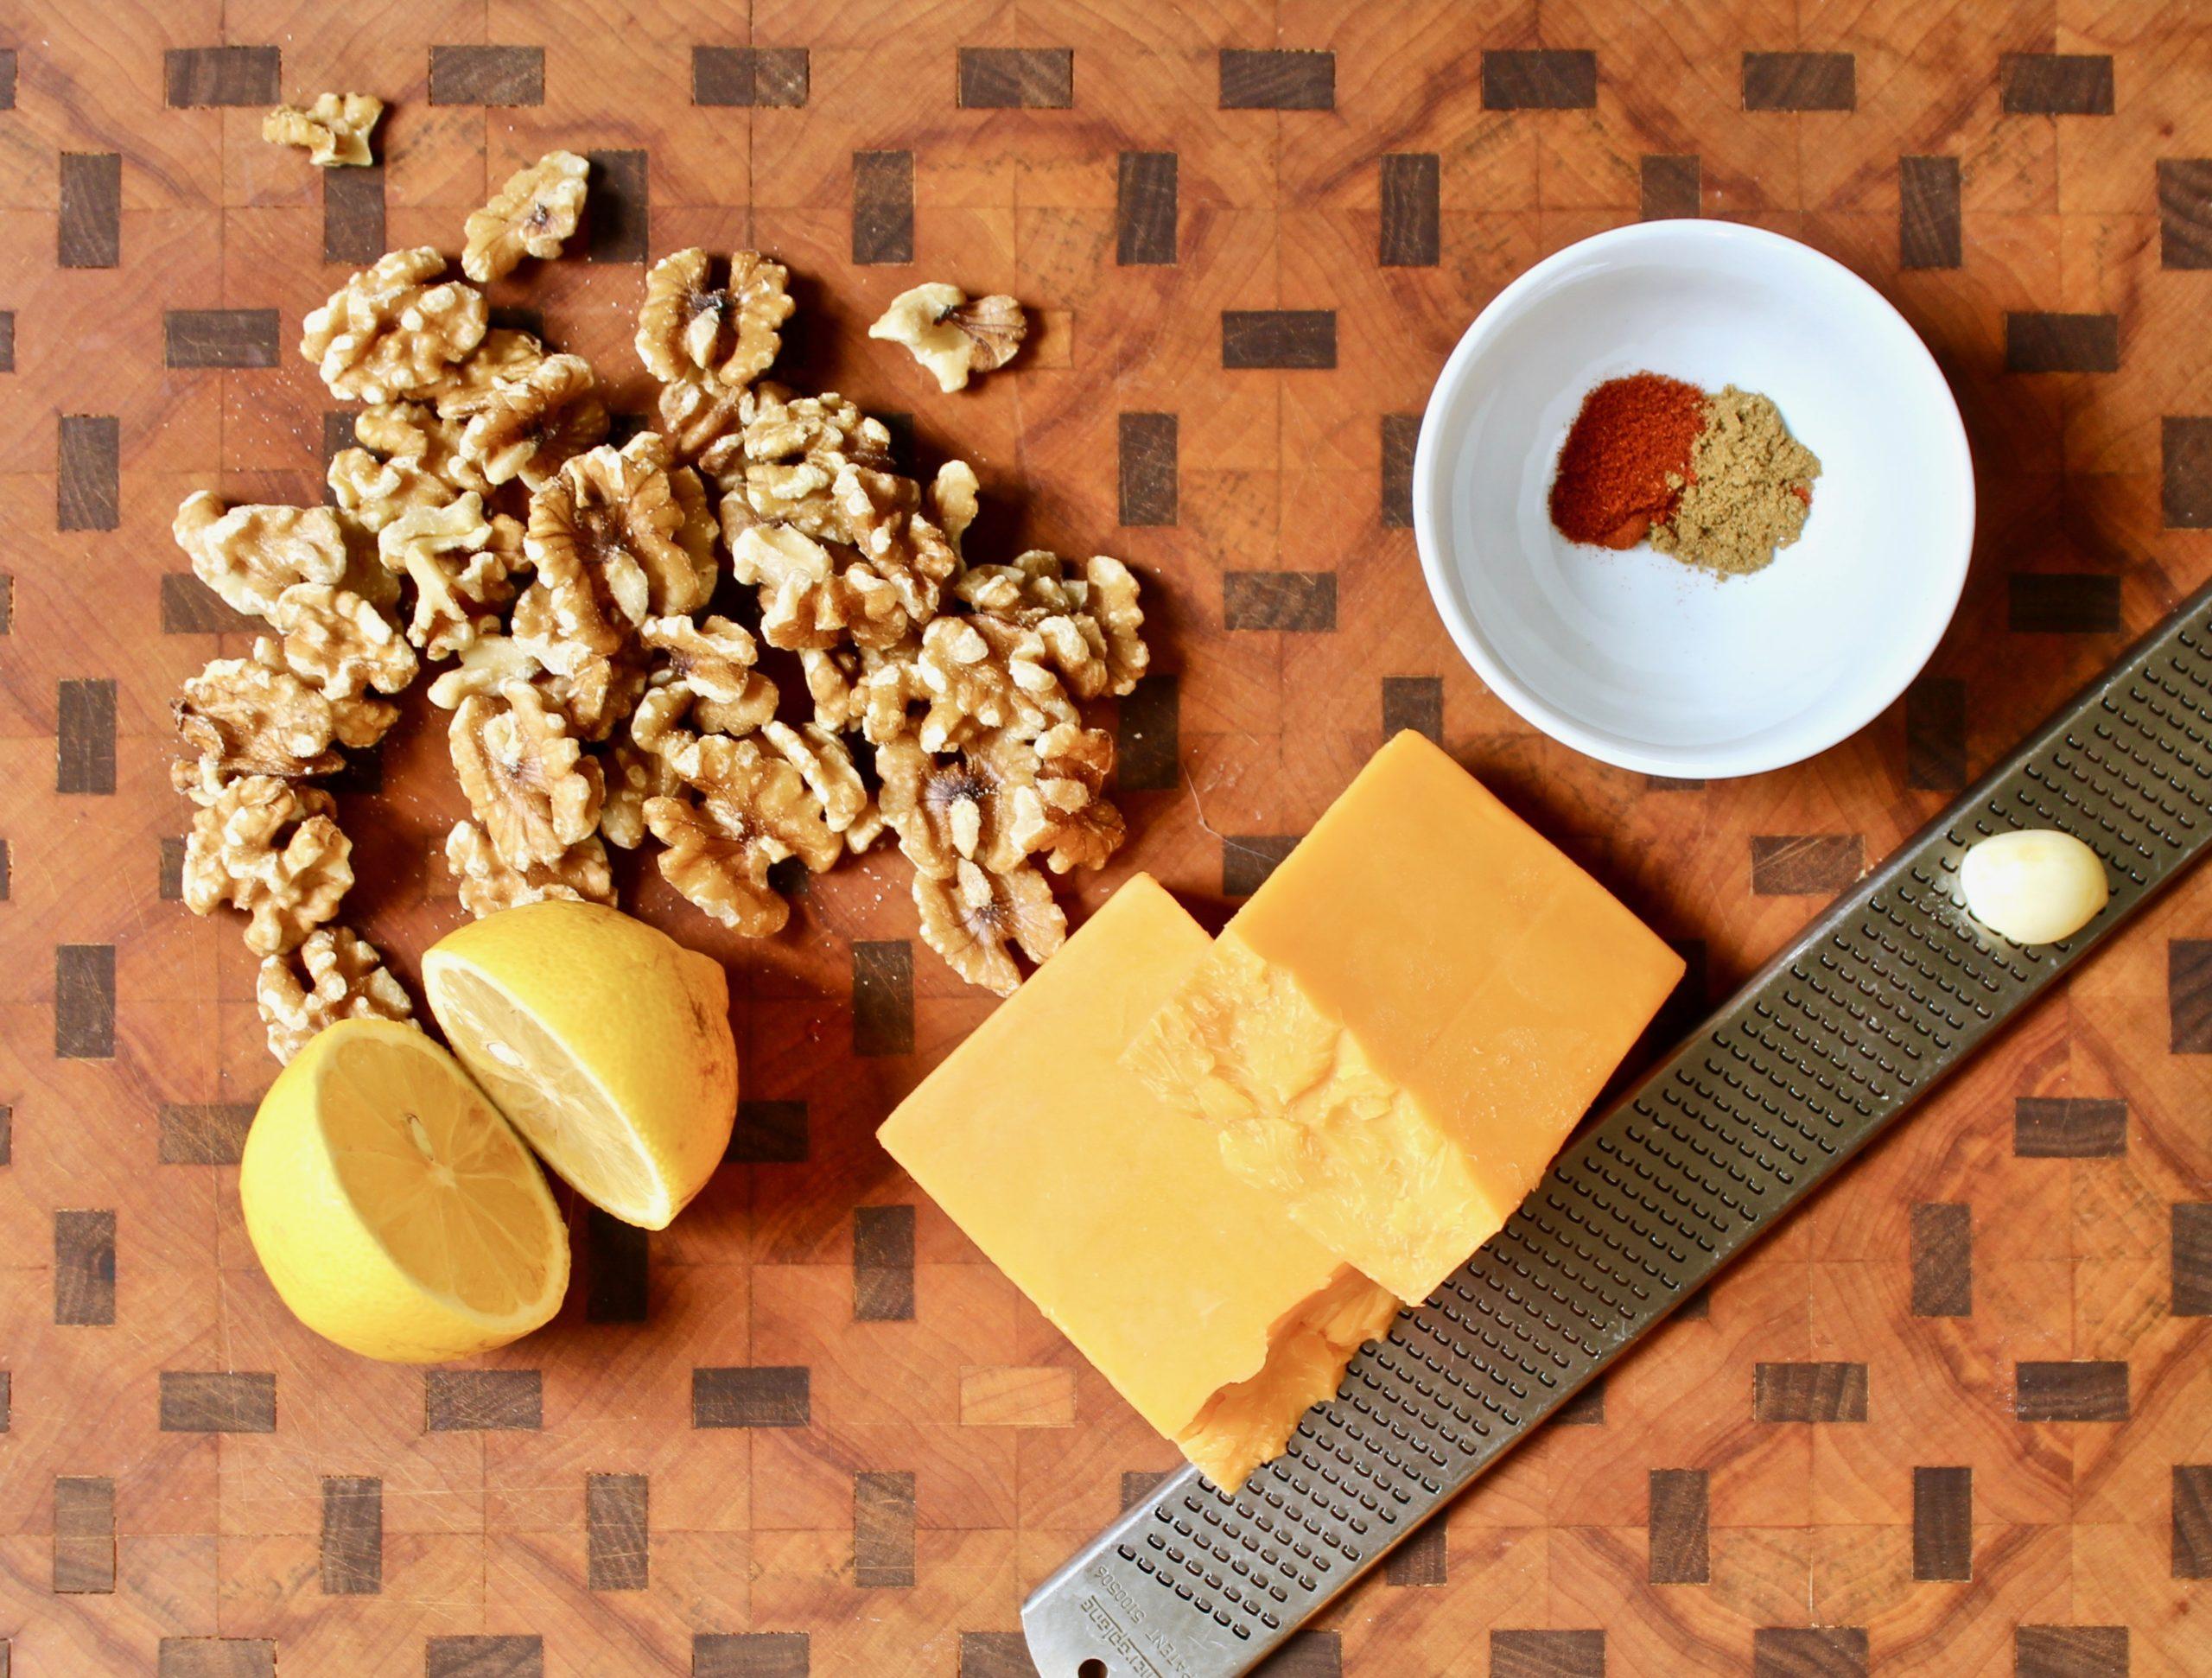 ingredients for cheddar walnut spread